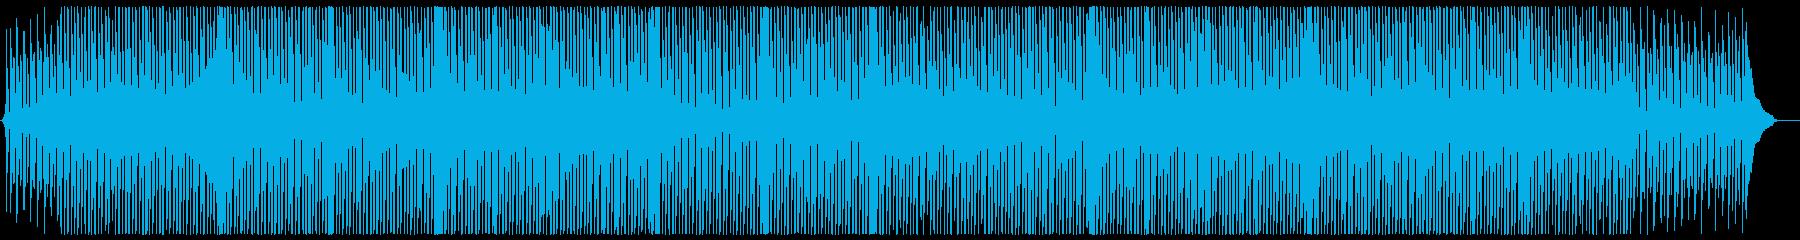 【メロ抜き】アップテンポなコンセプトムーの再生済みの波形